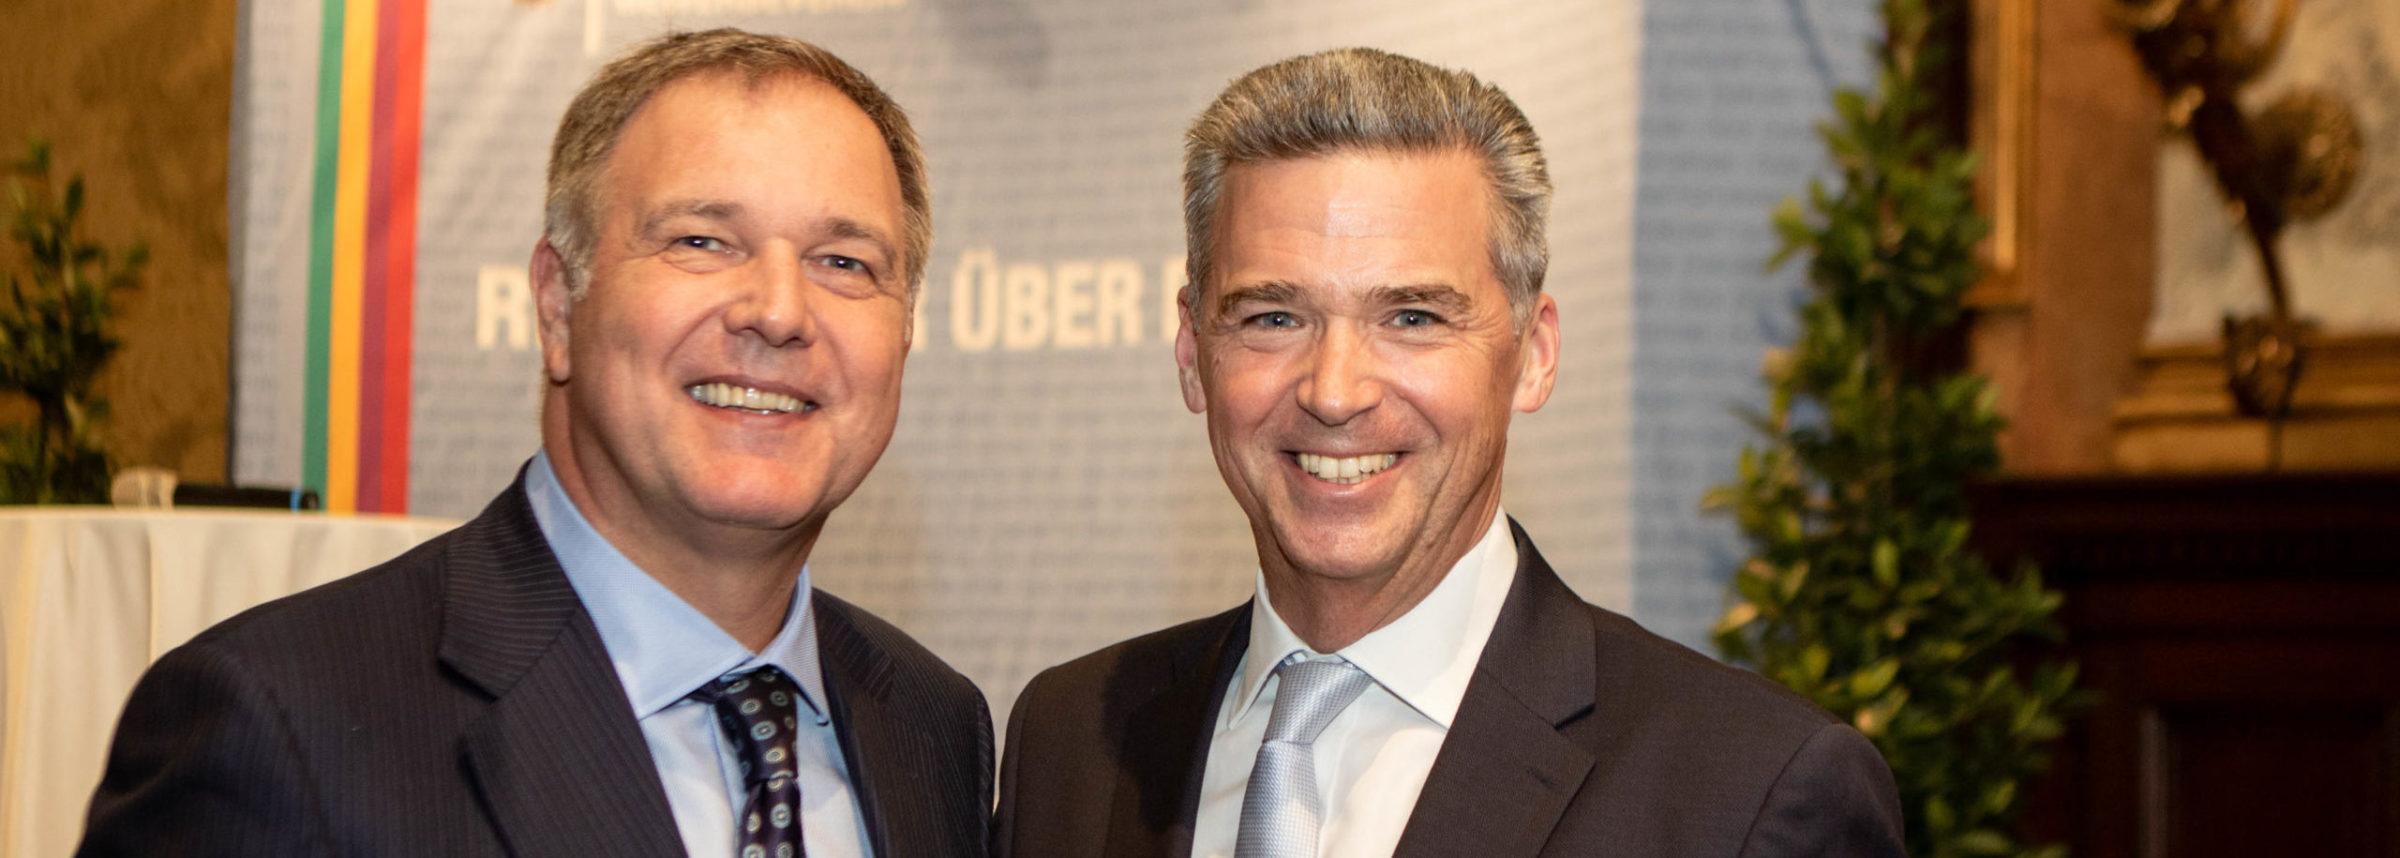 ÖGV Rückblicke: Reden wir über die Zukunft mit Walter Ruck